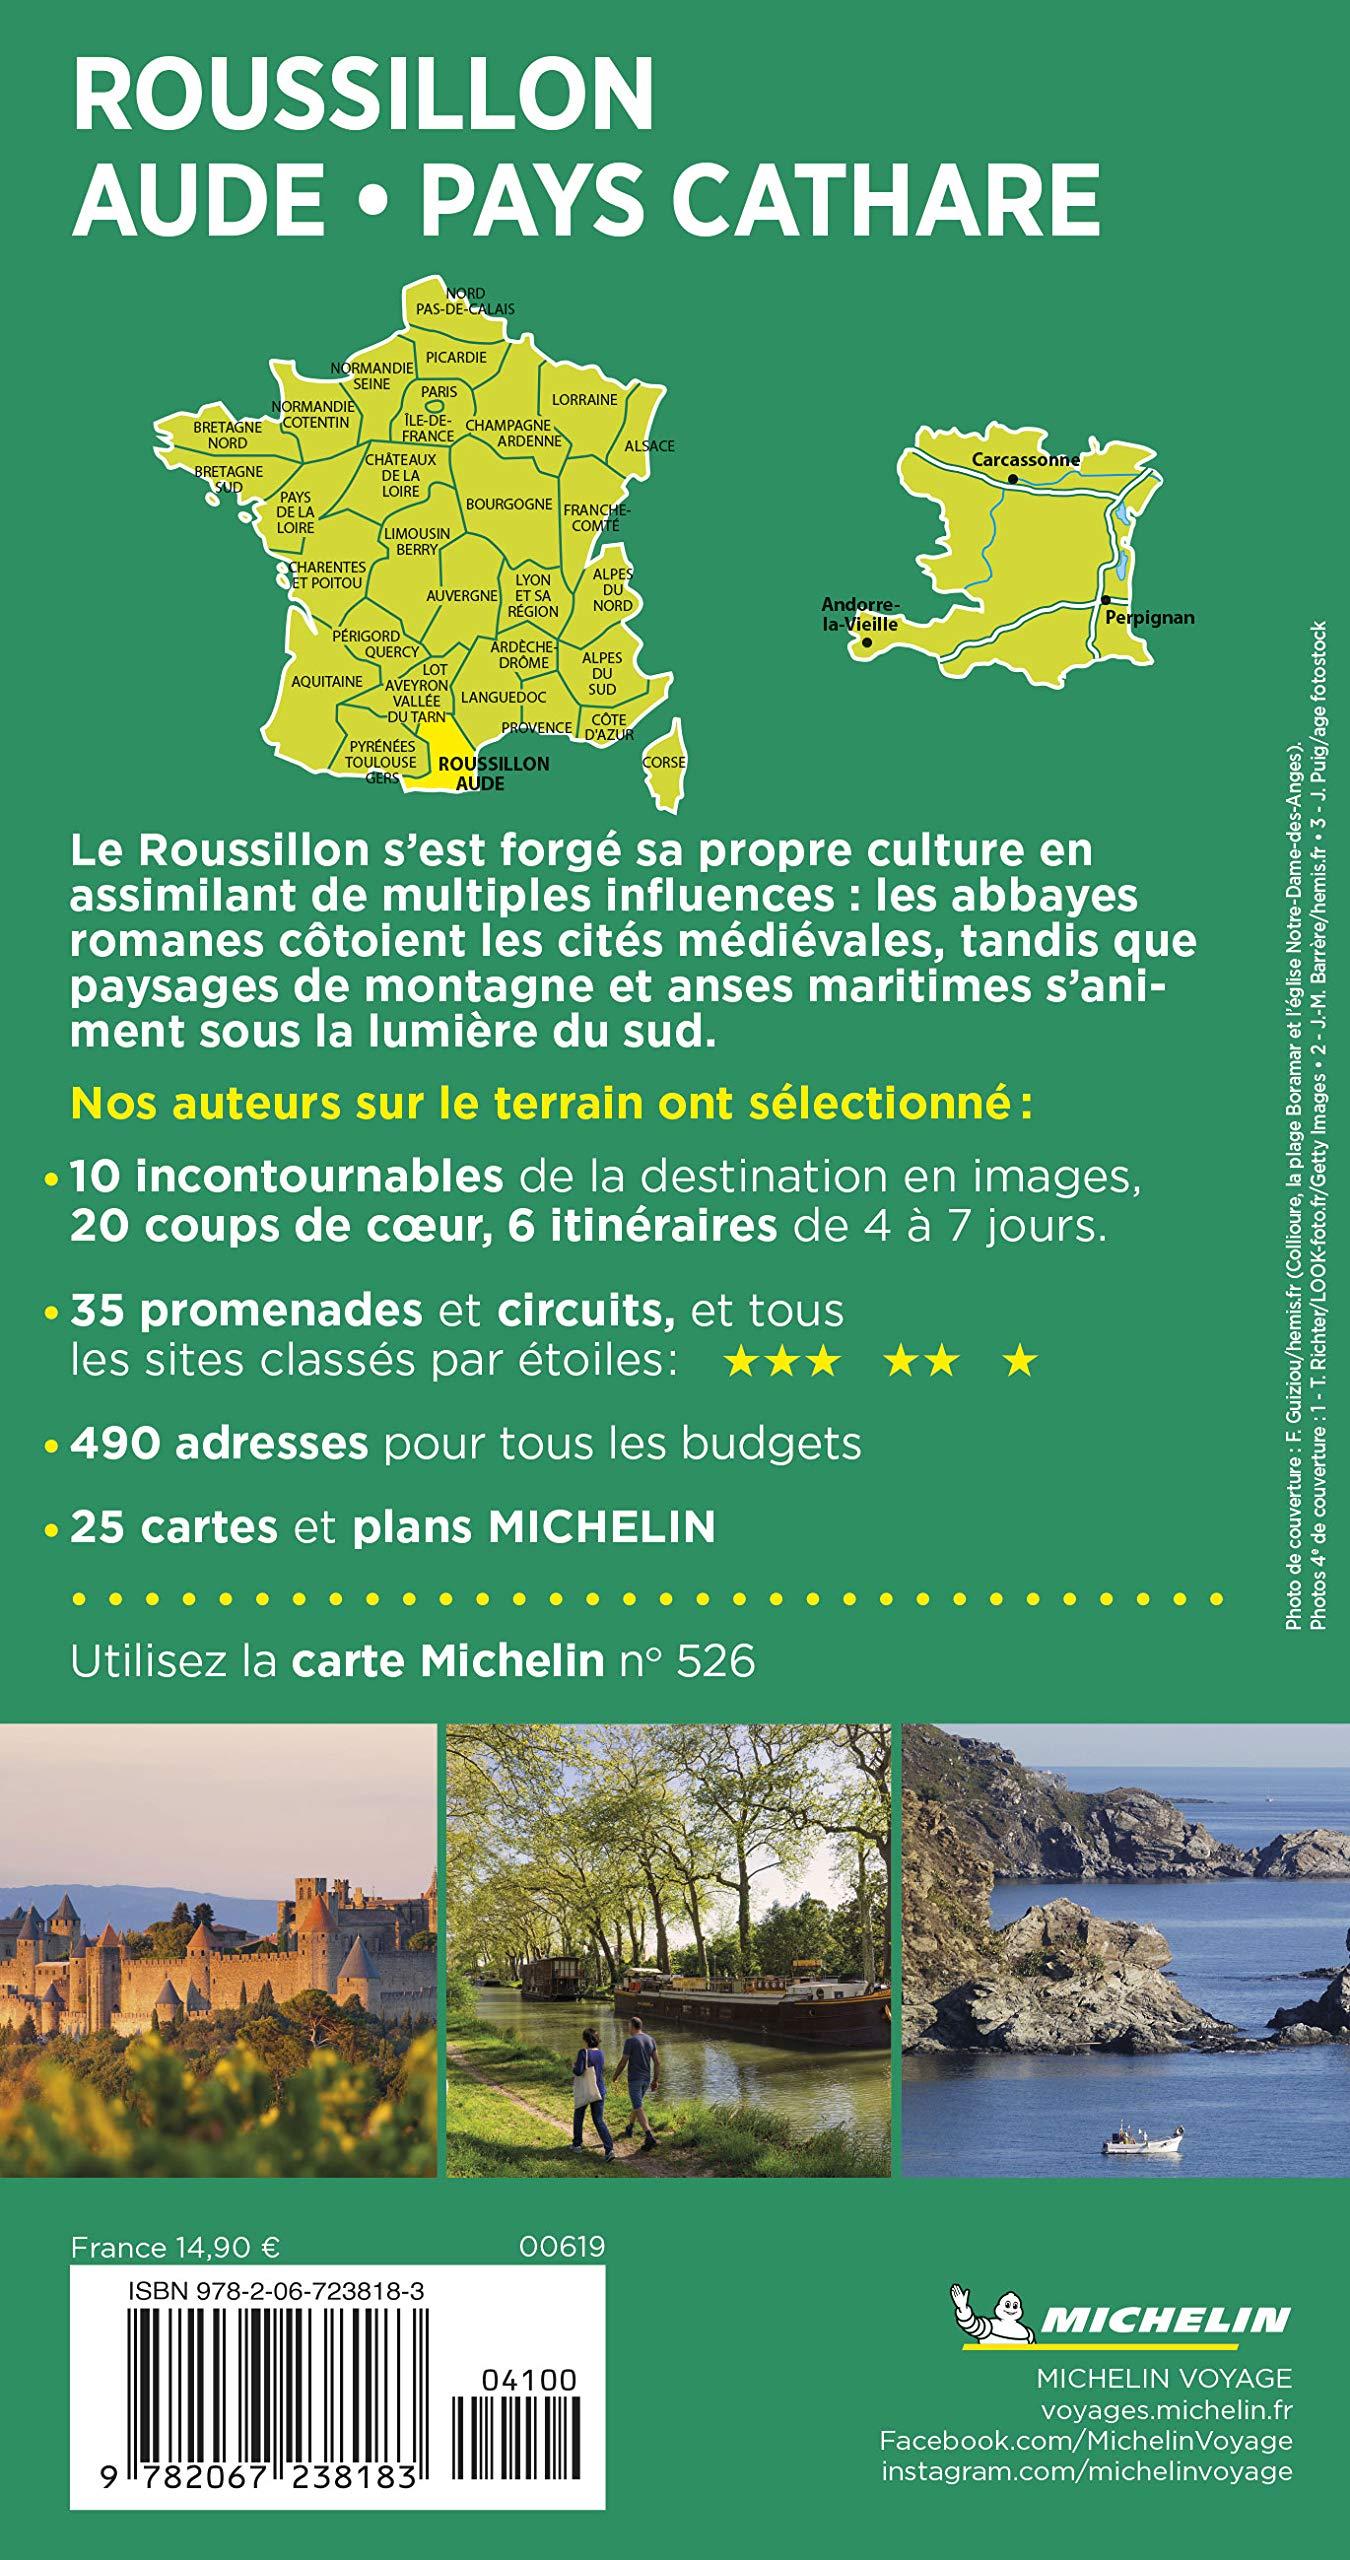 Roussillon Aude Pays Cathare (Le Guide Vert) : Amazon.es: MICHELIN: Libros en idiomas extranjeros